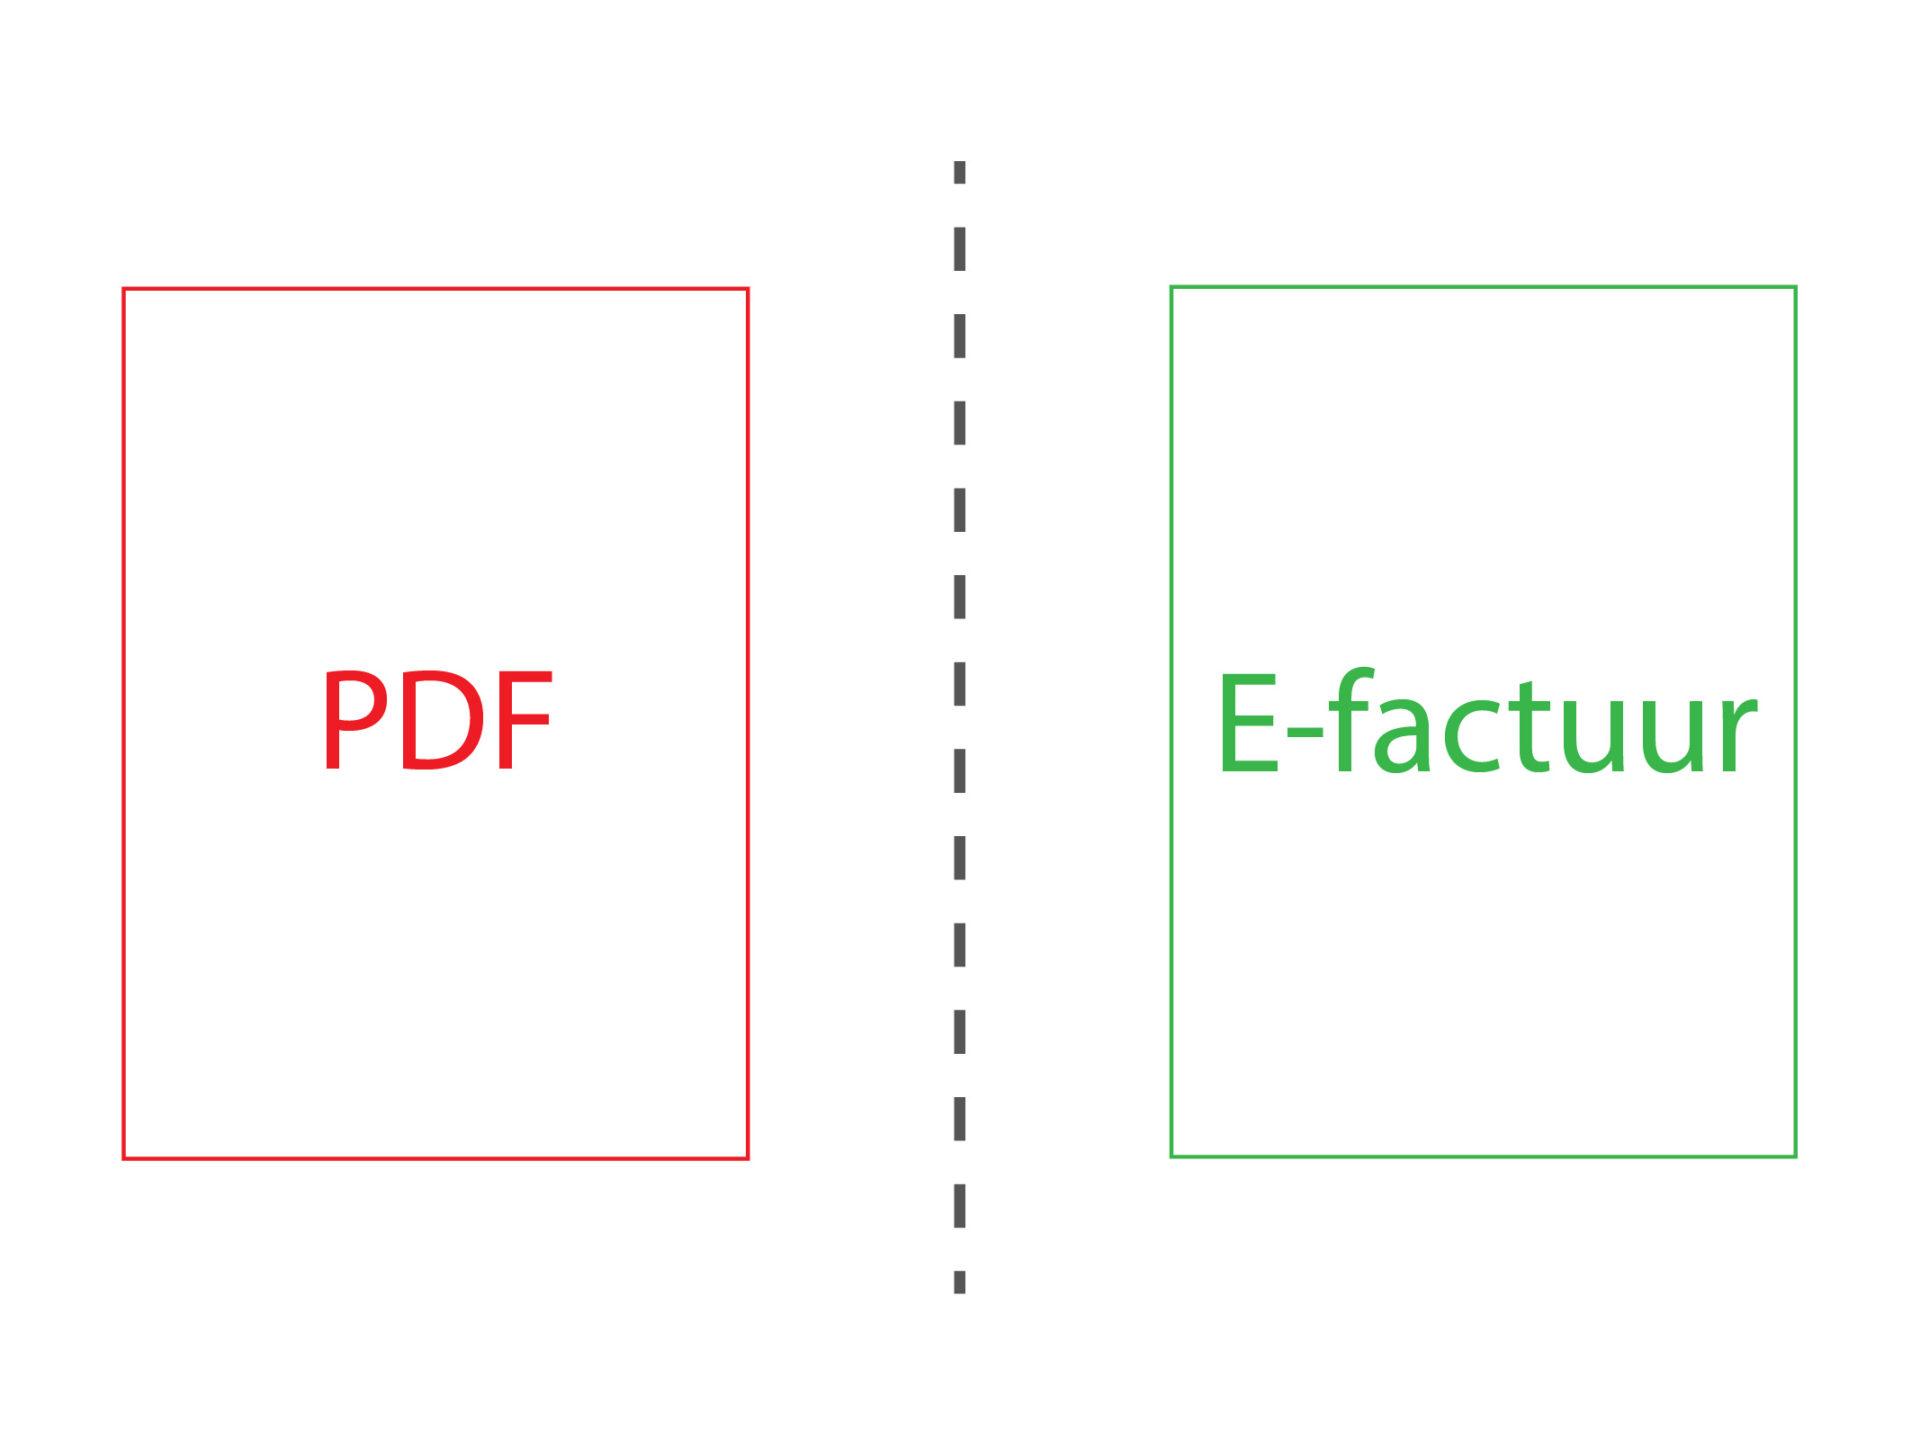 van pdf naar e-factuur